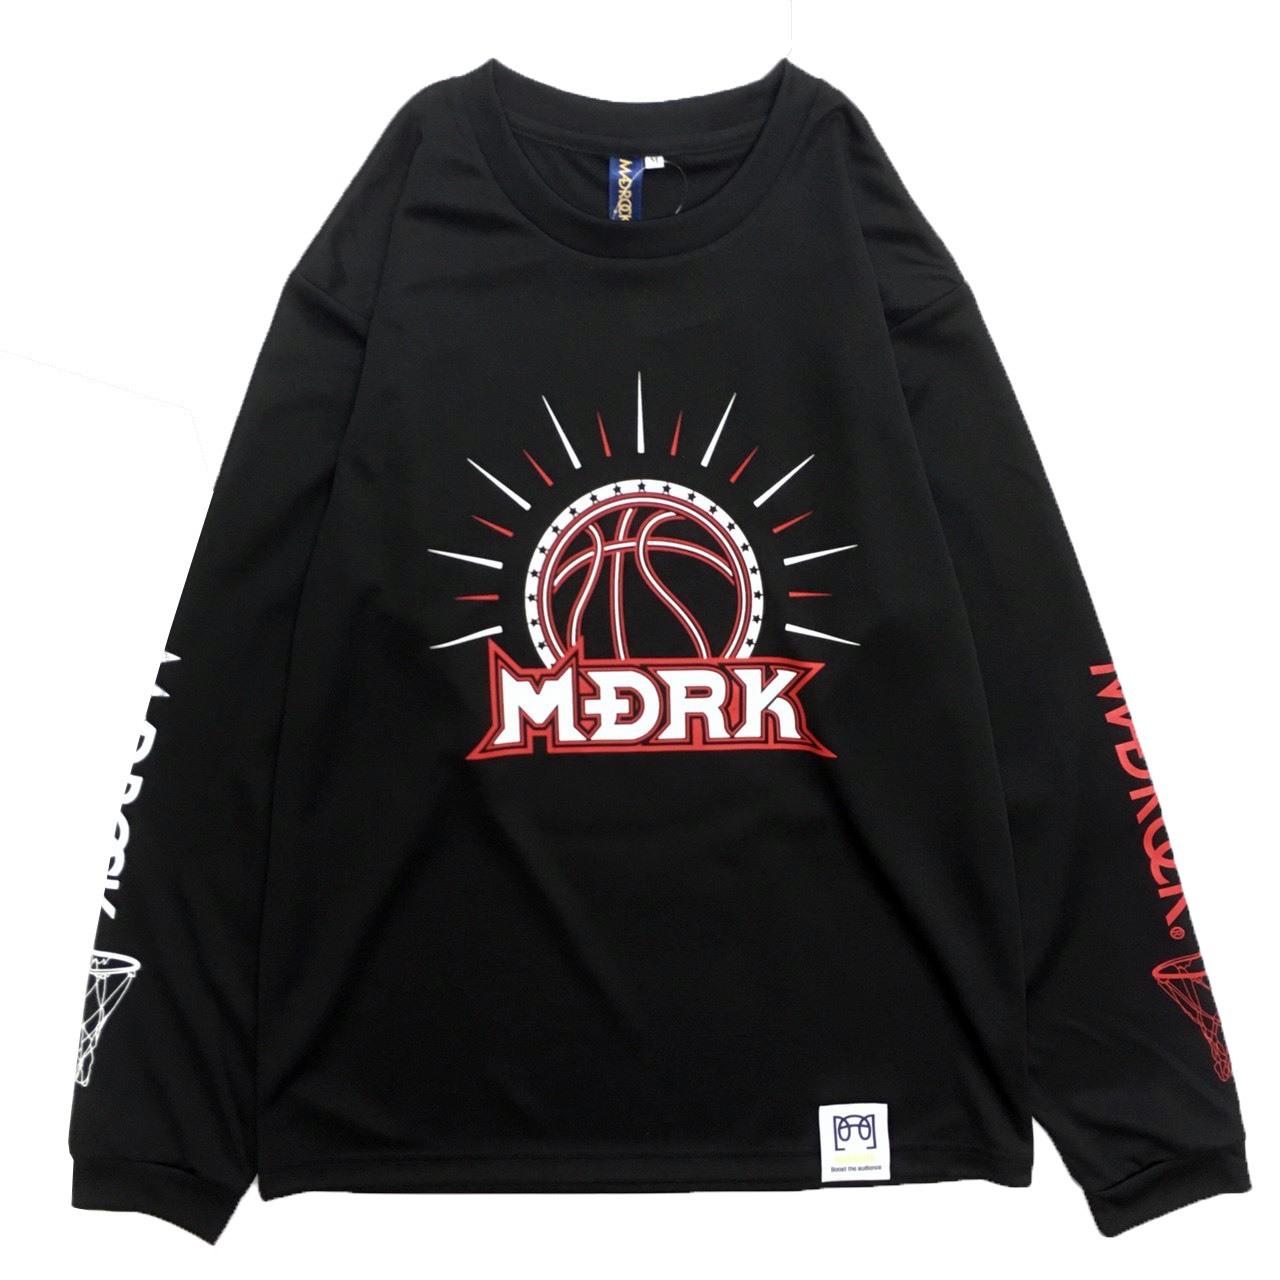 【Online Store Limited】マッドロック / トーチ ロンT / ドライタイプ / ブラック